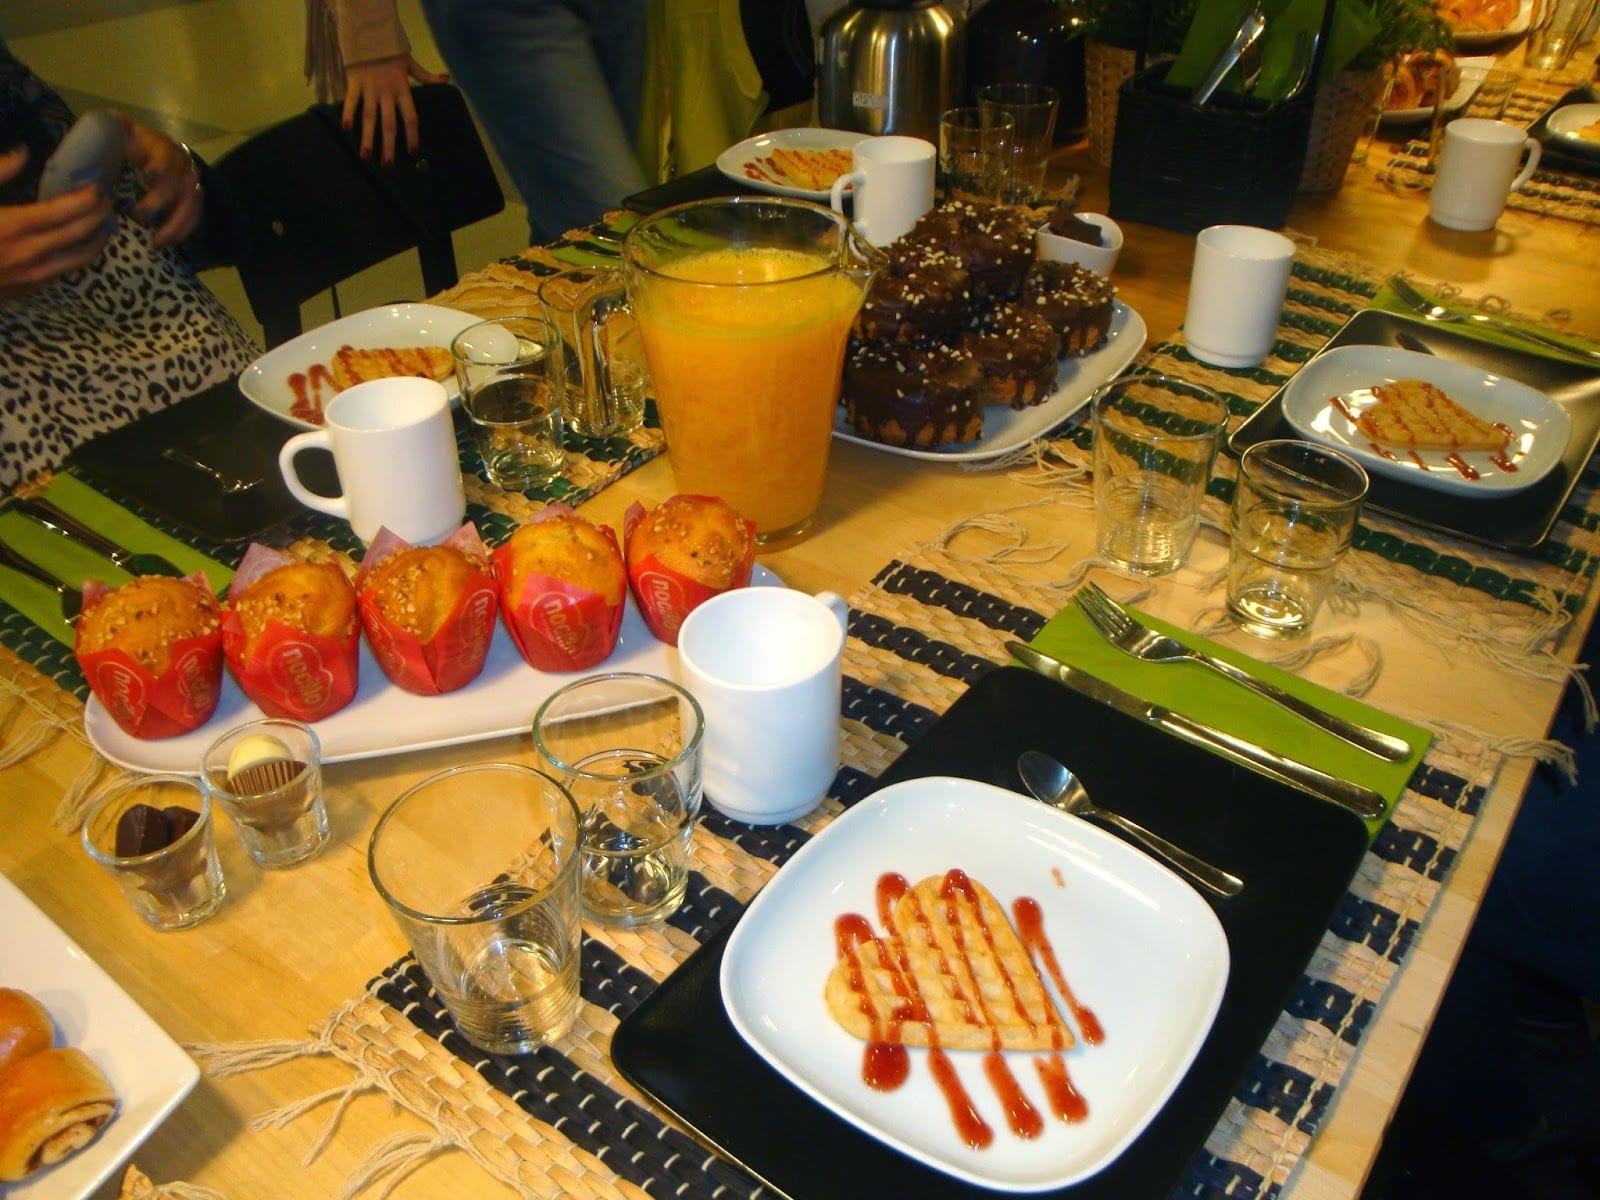 desayunos típicos de suecia